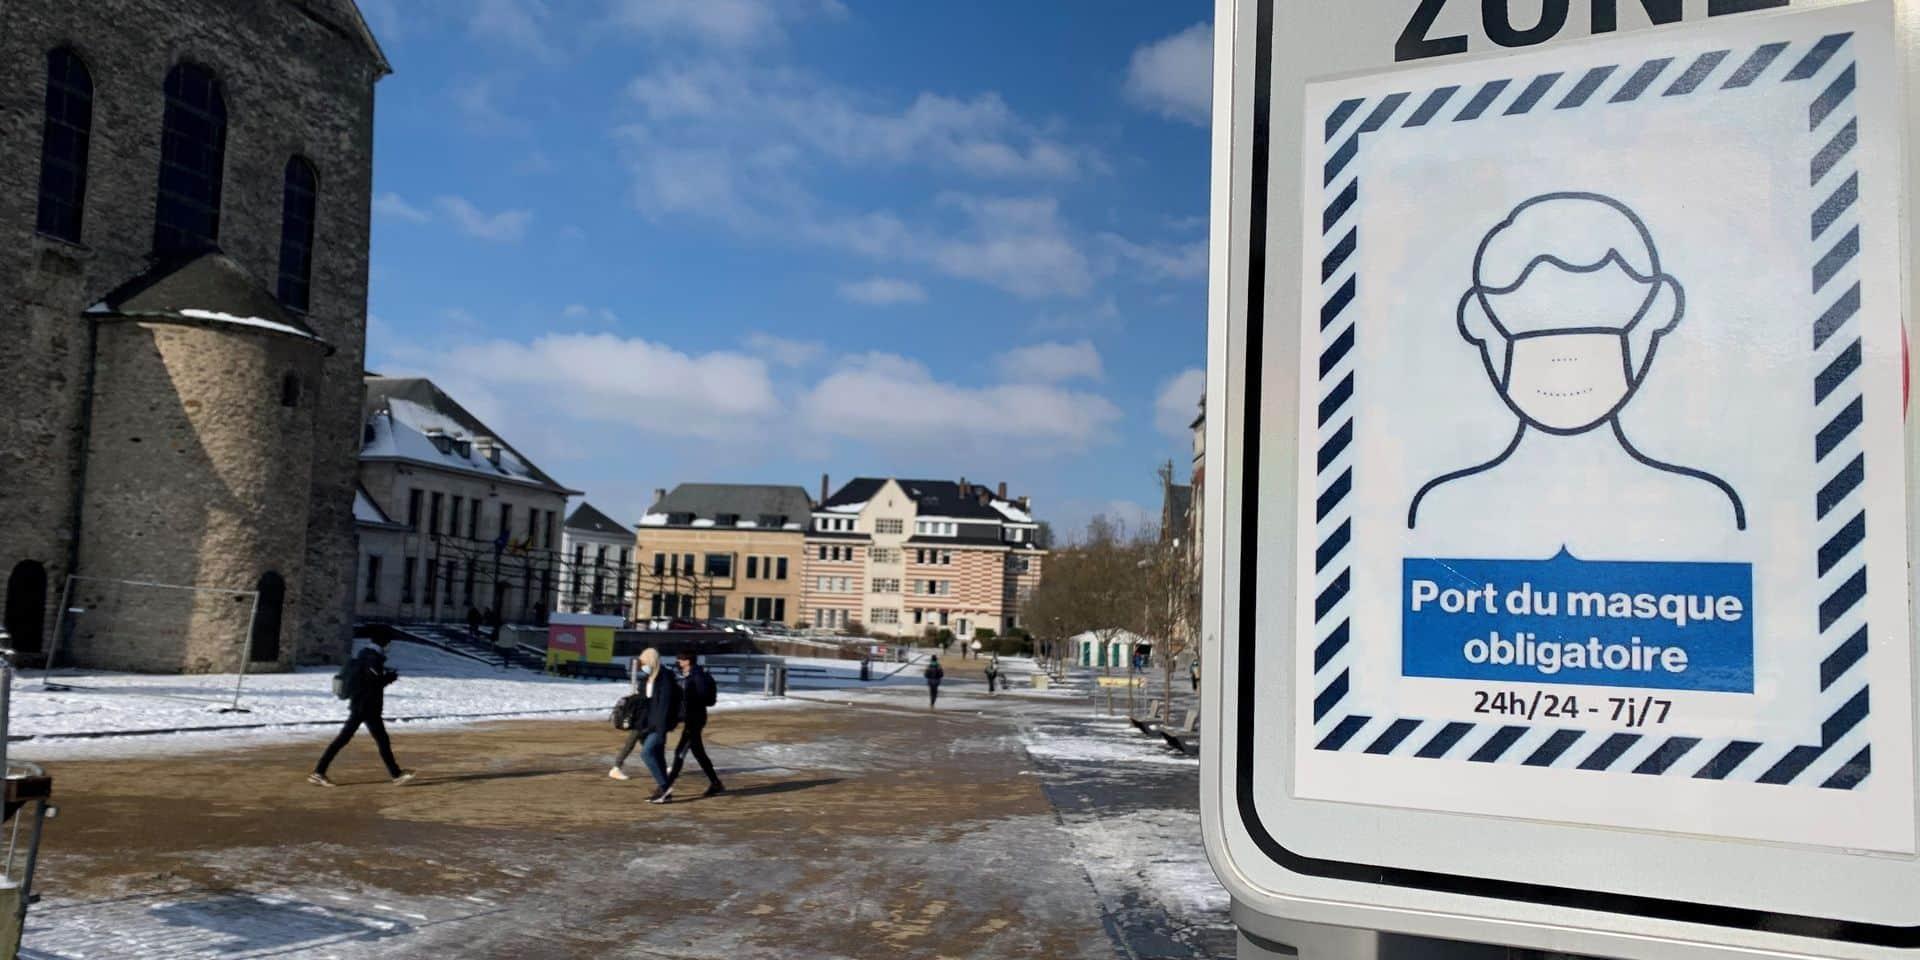 Contrôles Covid à Nivelles-Genappe: la police prône le dialogue